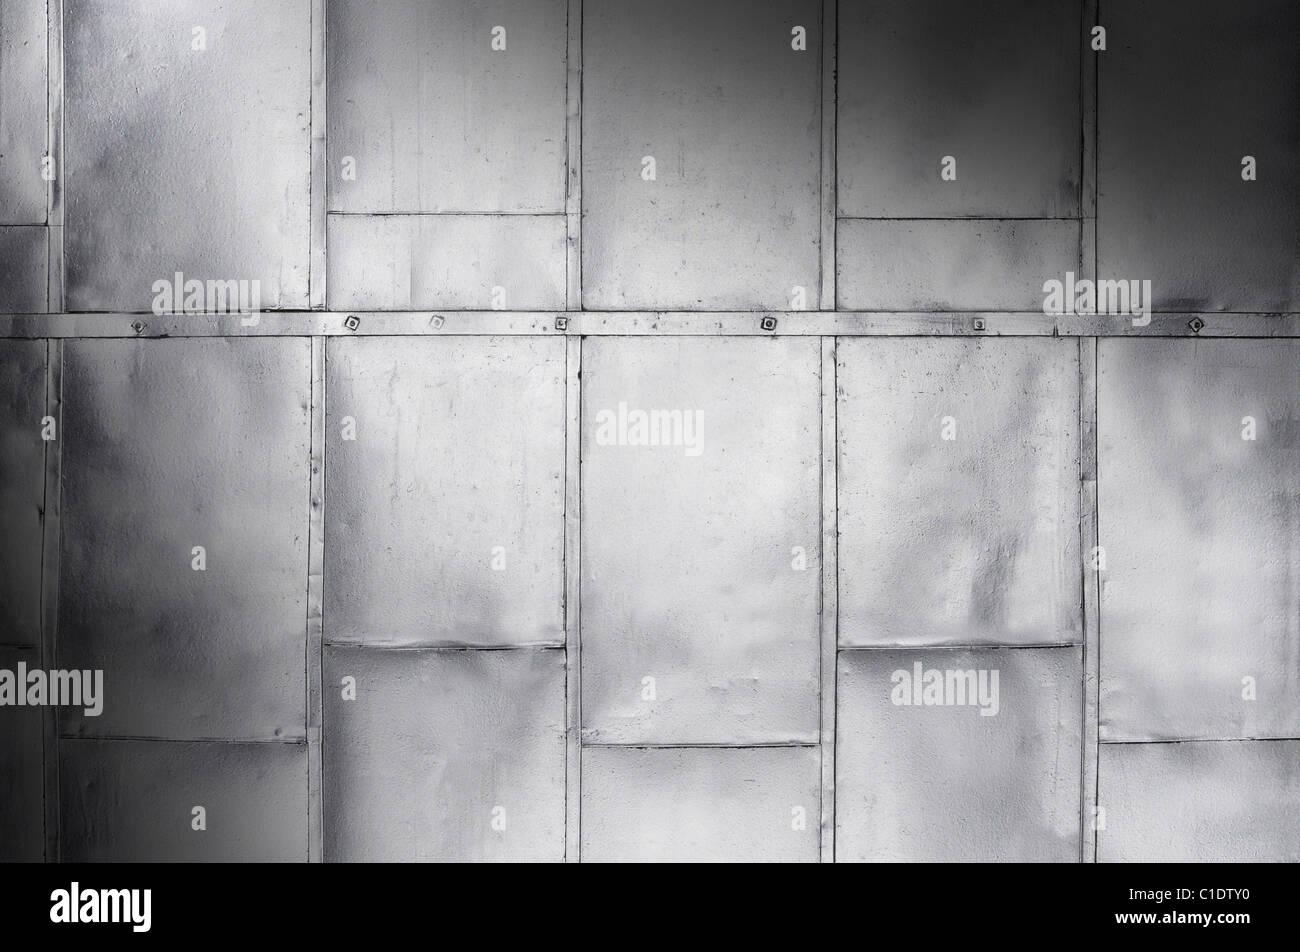 Metallplatten auf industrielle Tür oder Wand schräg beleuchtet Stockbild